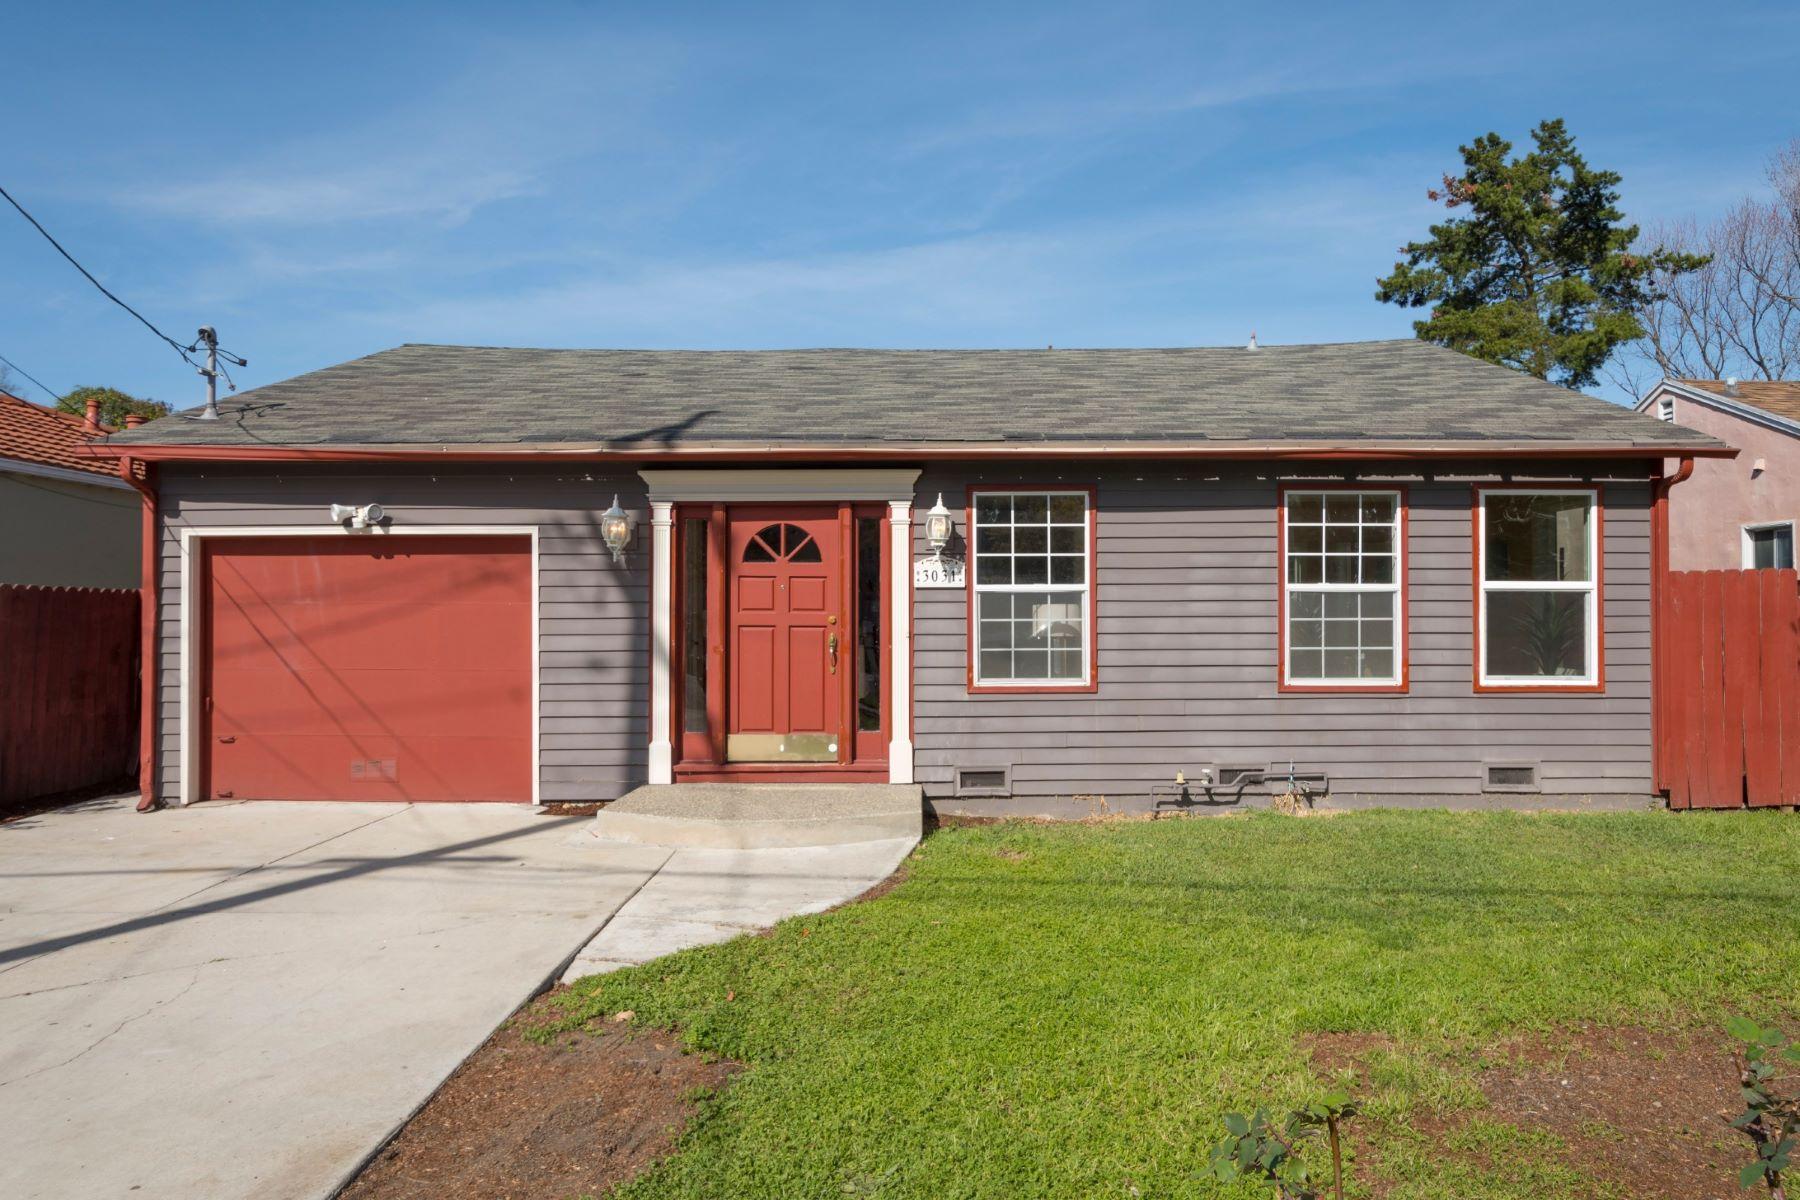 独户住宅 为 销售 在 Selby Park Home 3031 Glendale Avenue, 雷德伍德城, 加利福尼亚州, 94063 美国